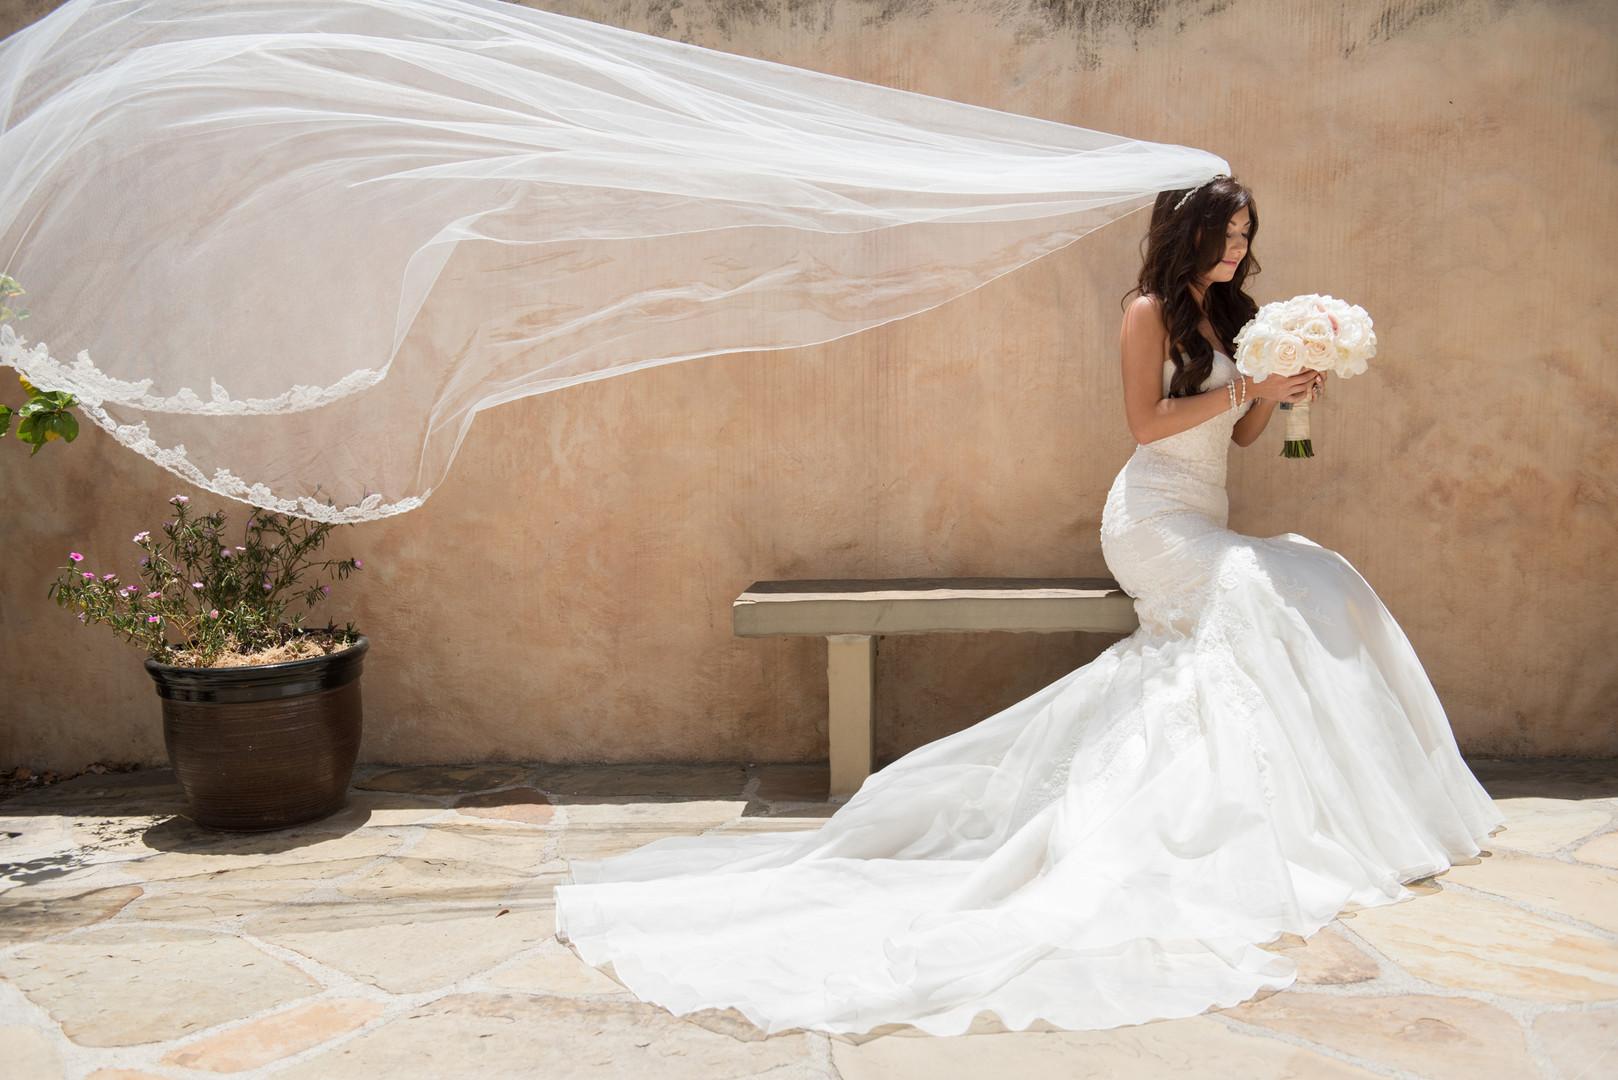 www.santabarbarawedding.com   The Big Affair   Our Lady of Mount Carmel   Asiel Designs   Bridal Portrait